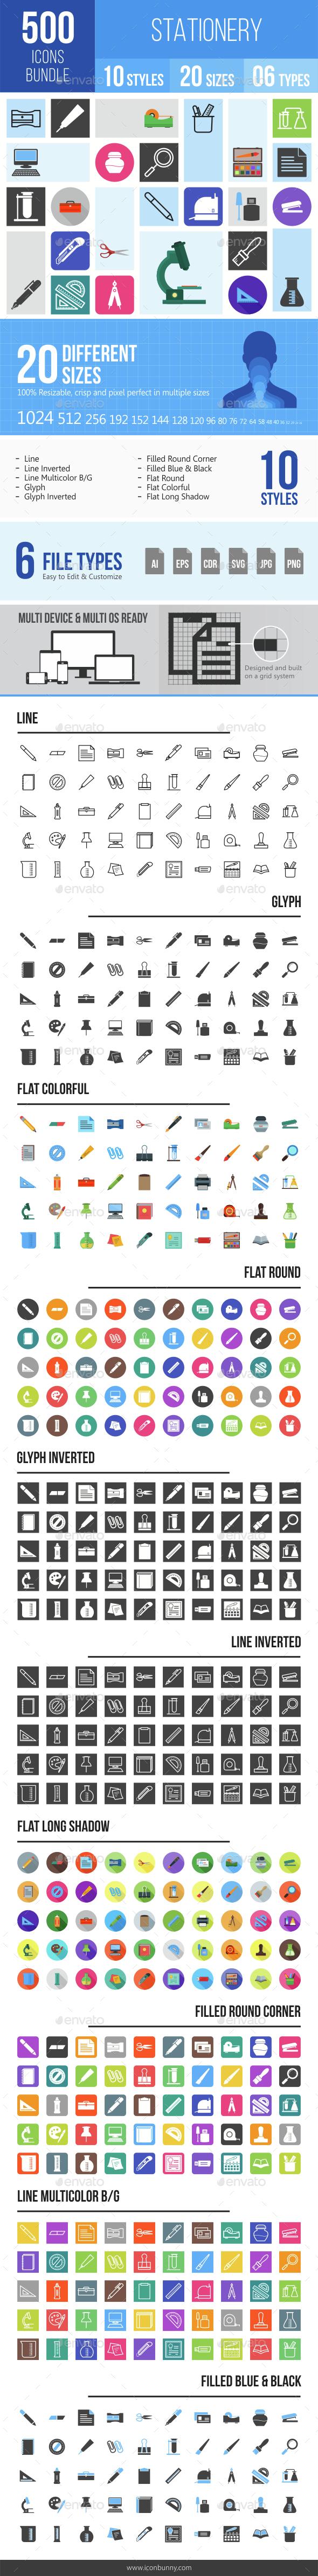 500 Stationery Icons Bundle - Icons